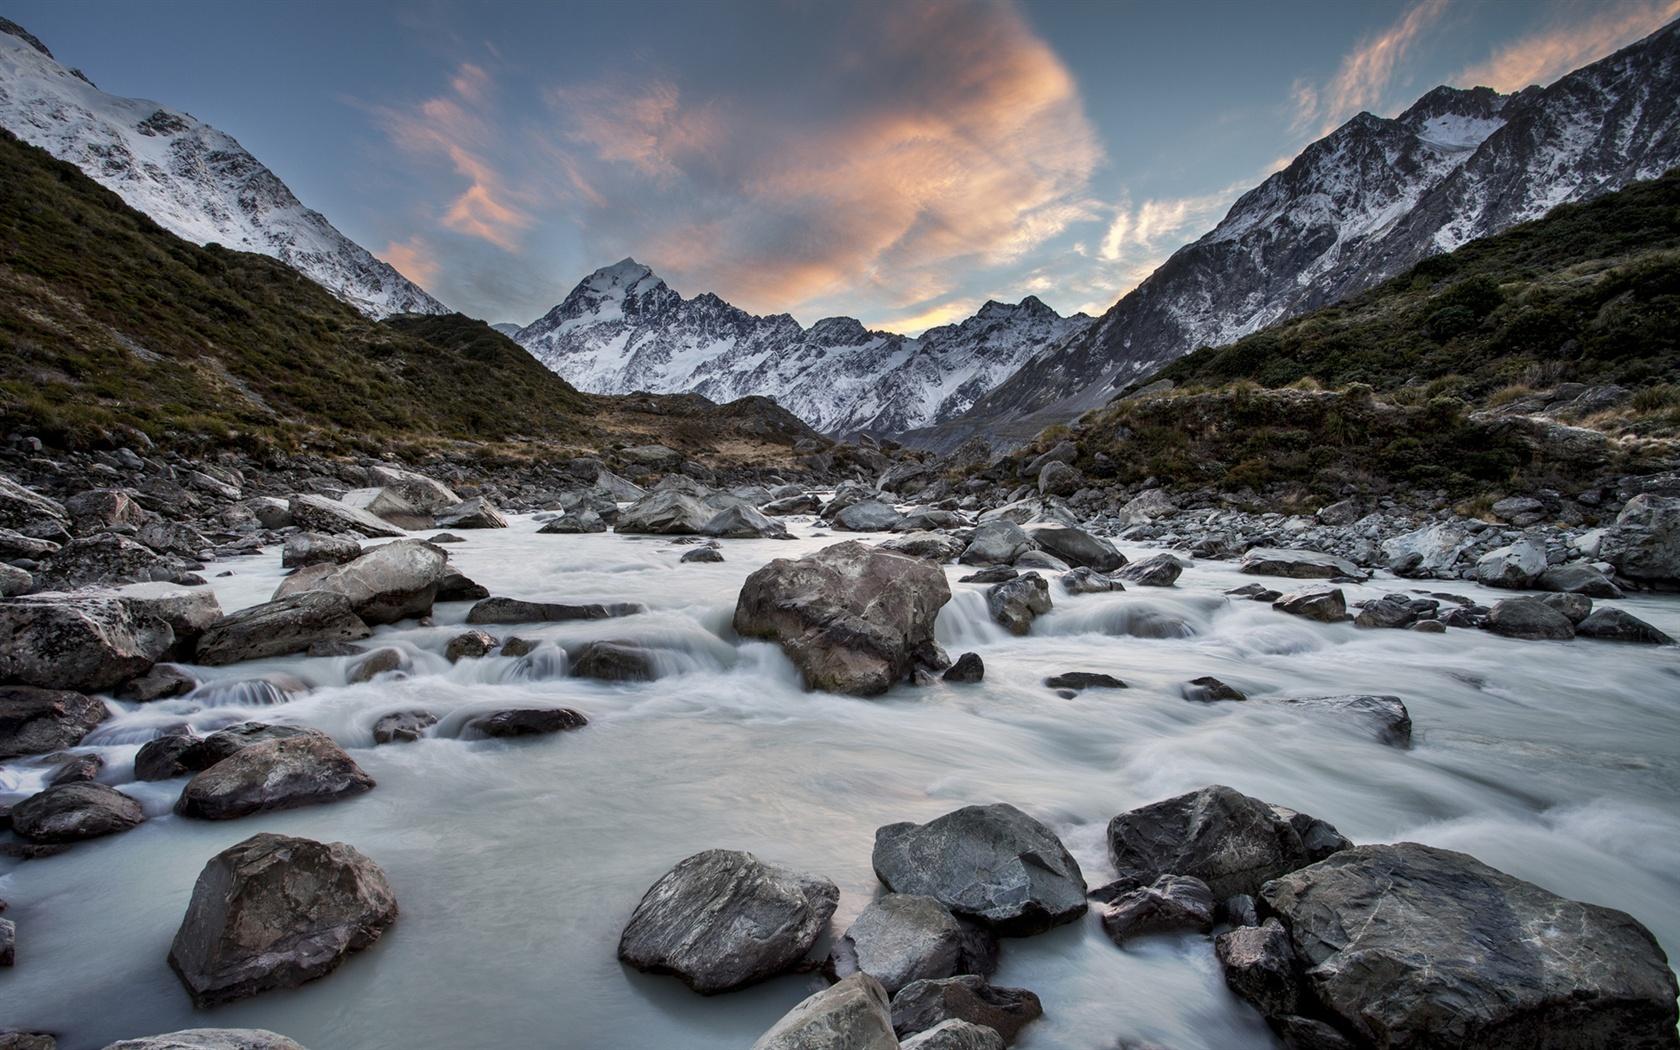 Pelaku Penembakan New Zealand Wallpaper: Fonds D'écran Hooker River, Parc National De Mount Cook